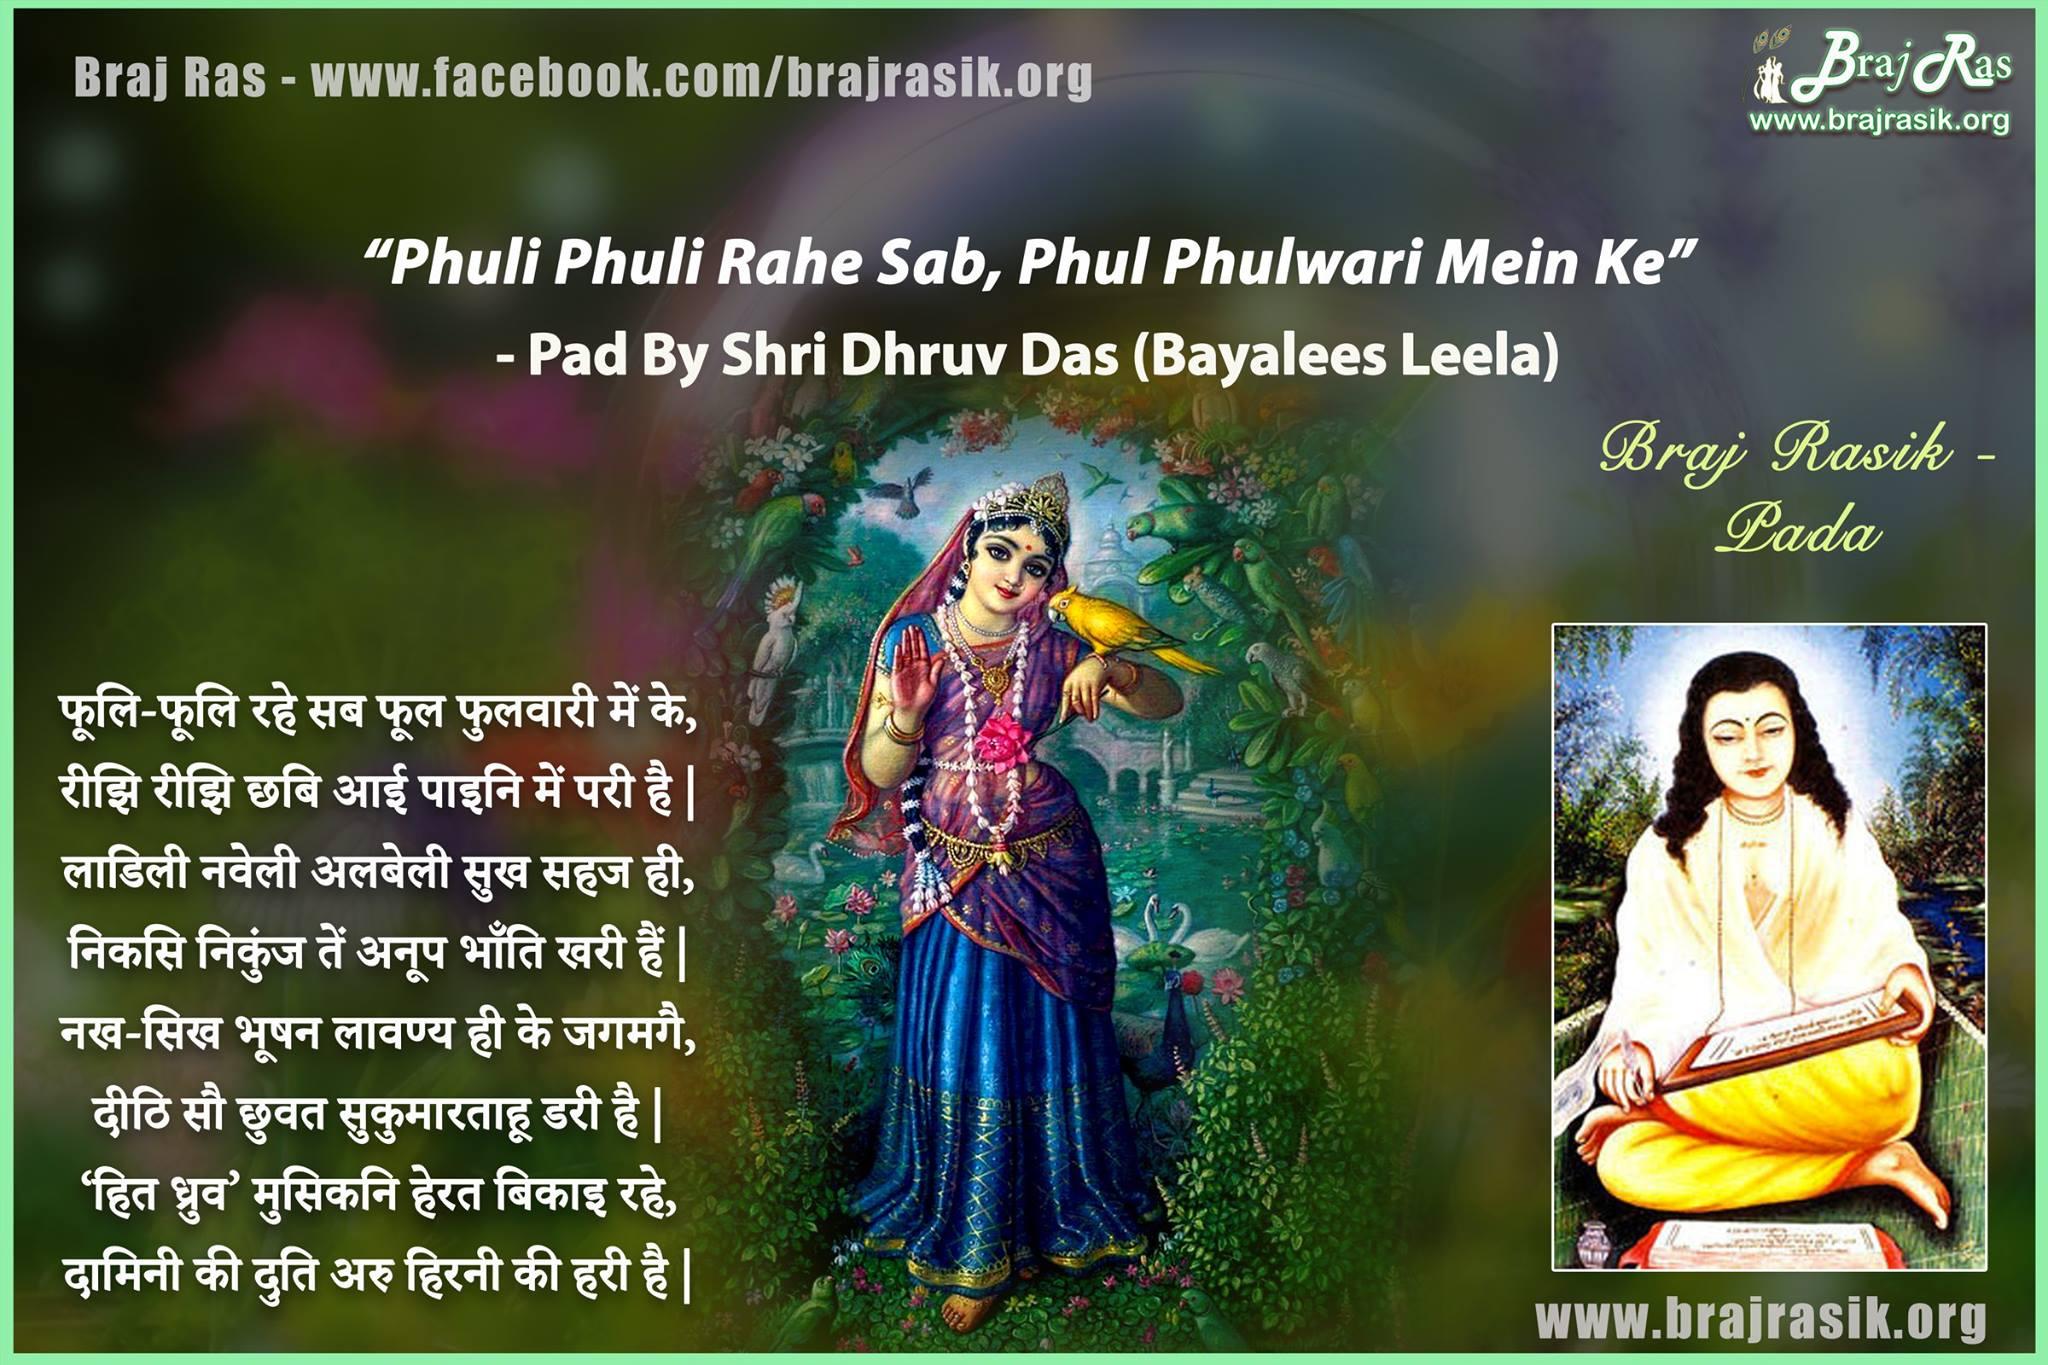 """""""Phooli-Phooli Rahe Sab Phool Phulavaari Mein Ke,  Reejhi Reejhi Chhabi Aai Paini Mein Pari Hai - Hit Dhruvdas"""